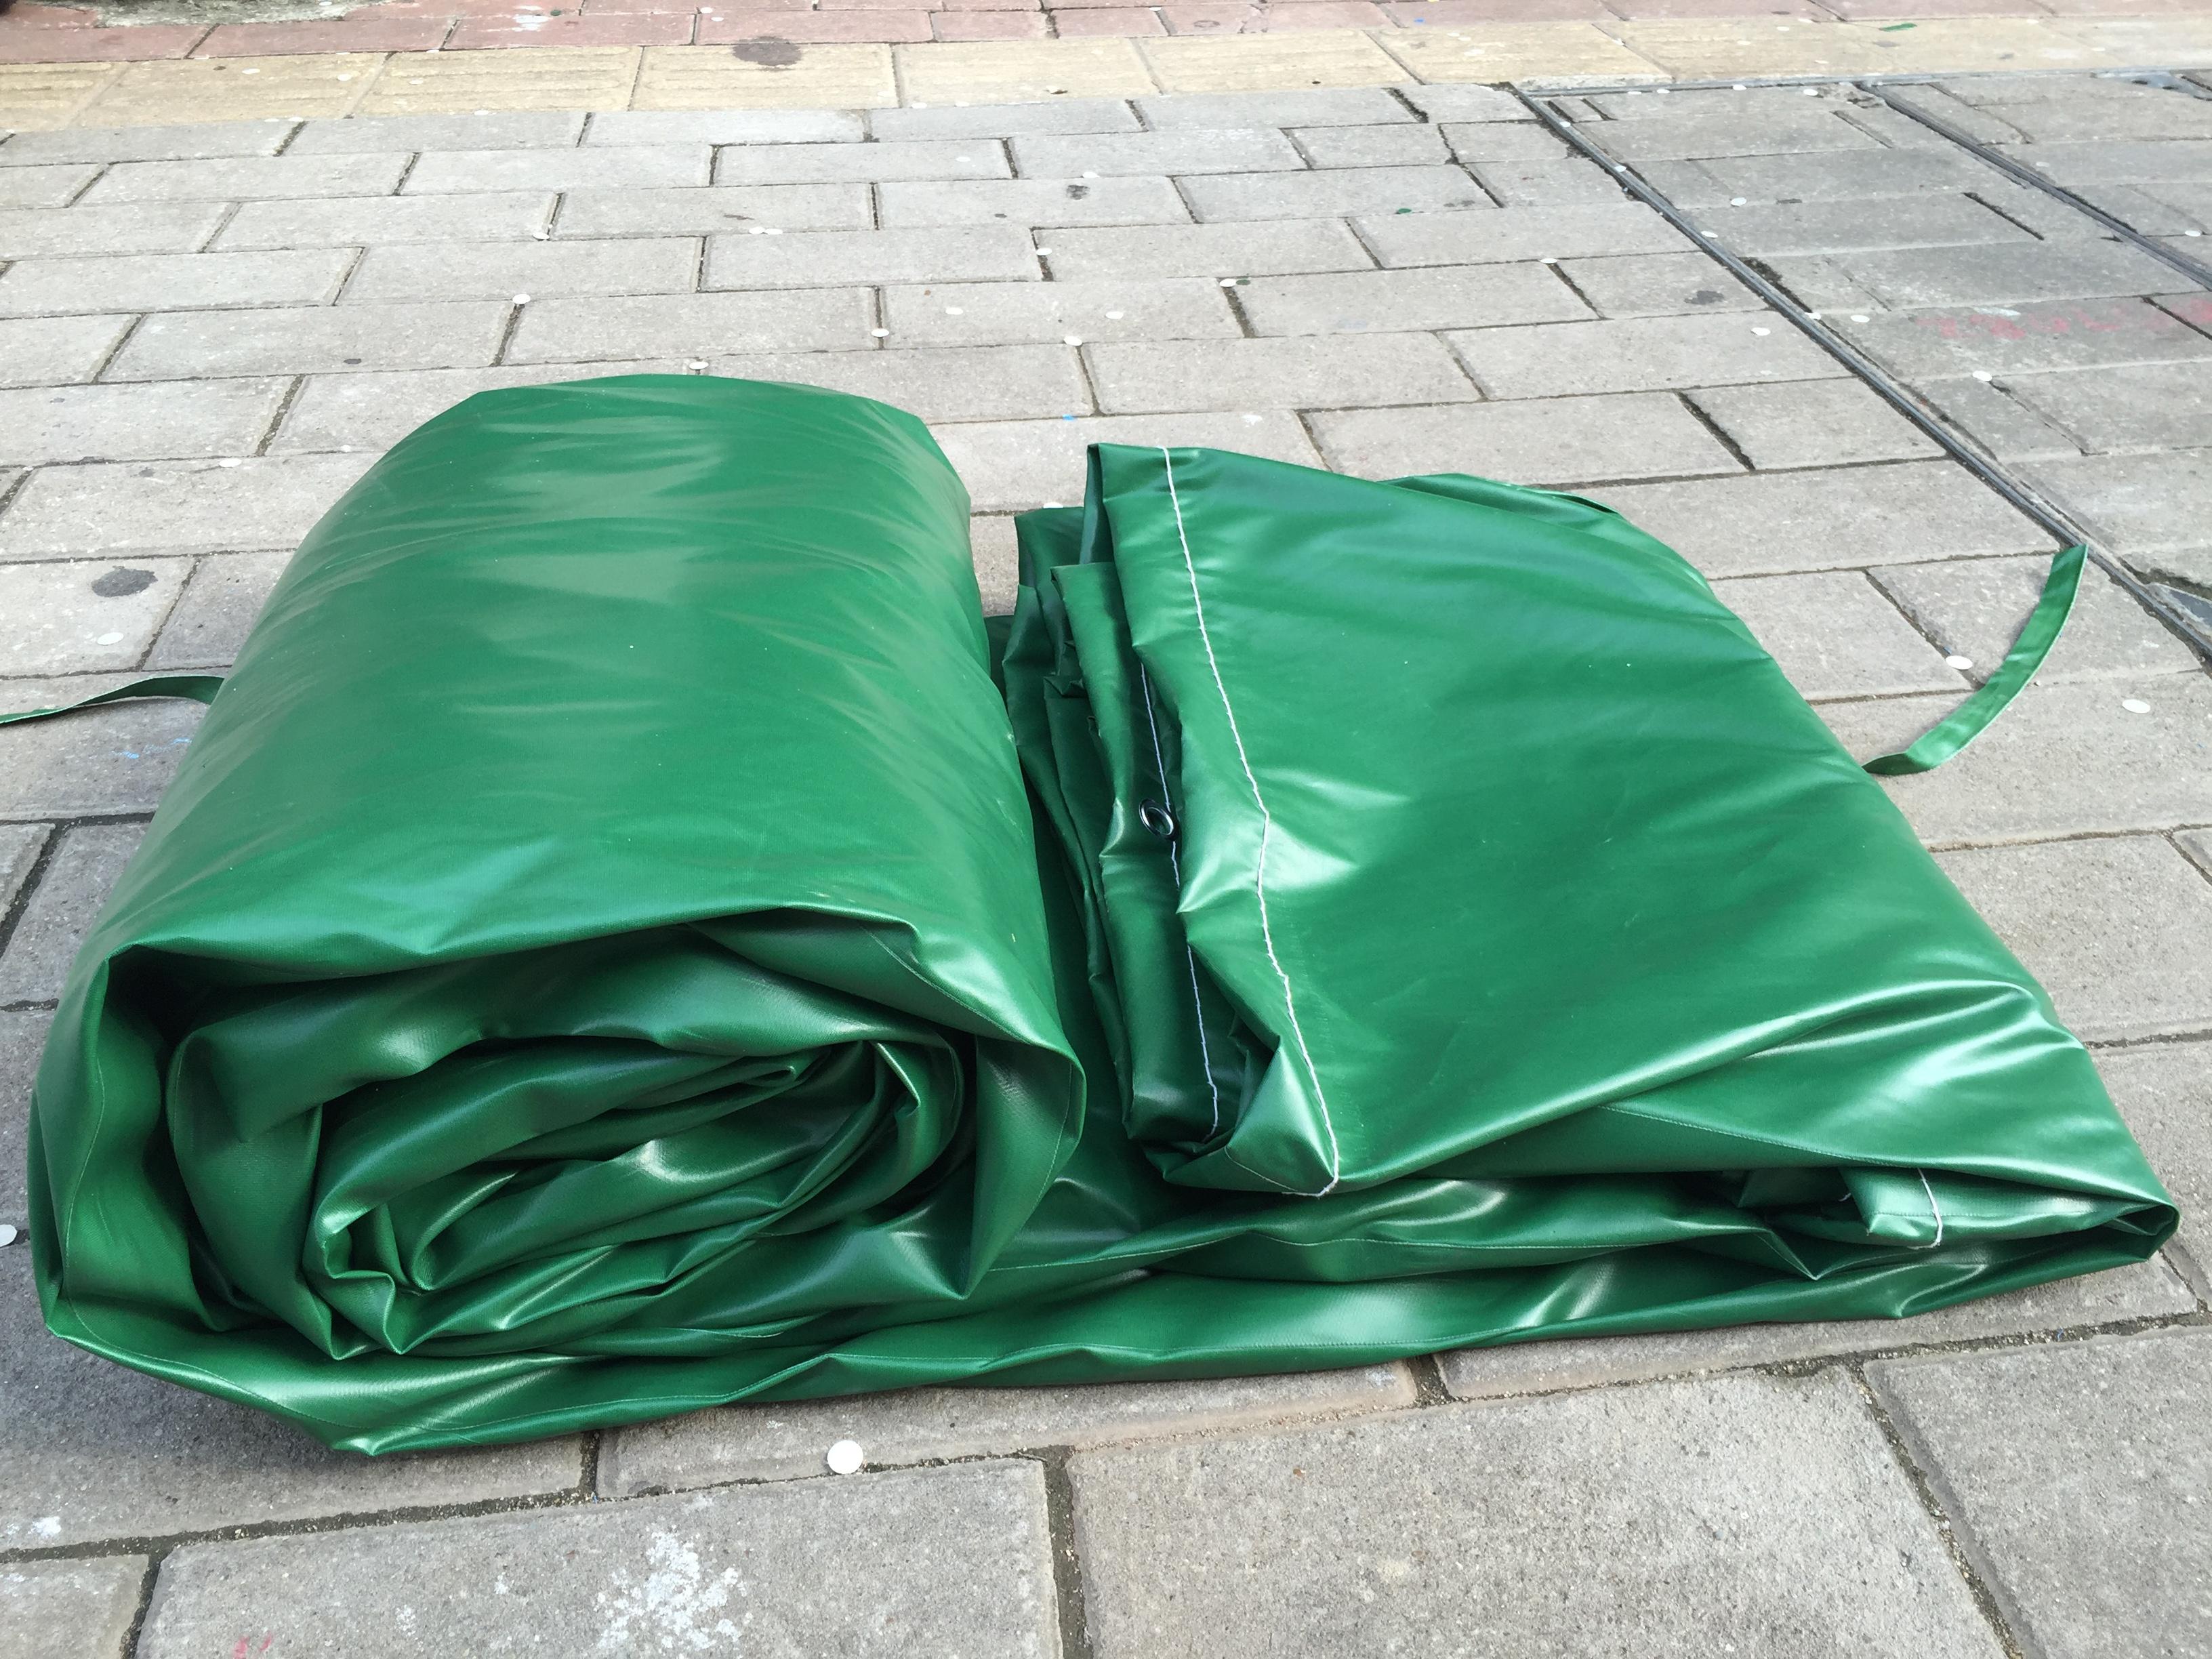 珠海航展帆布军绿色帆布军队帆布金湾区航空表演帐篷防火布防雨布帆布 珠海航展帆布军绿色帆布军队帆布金